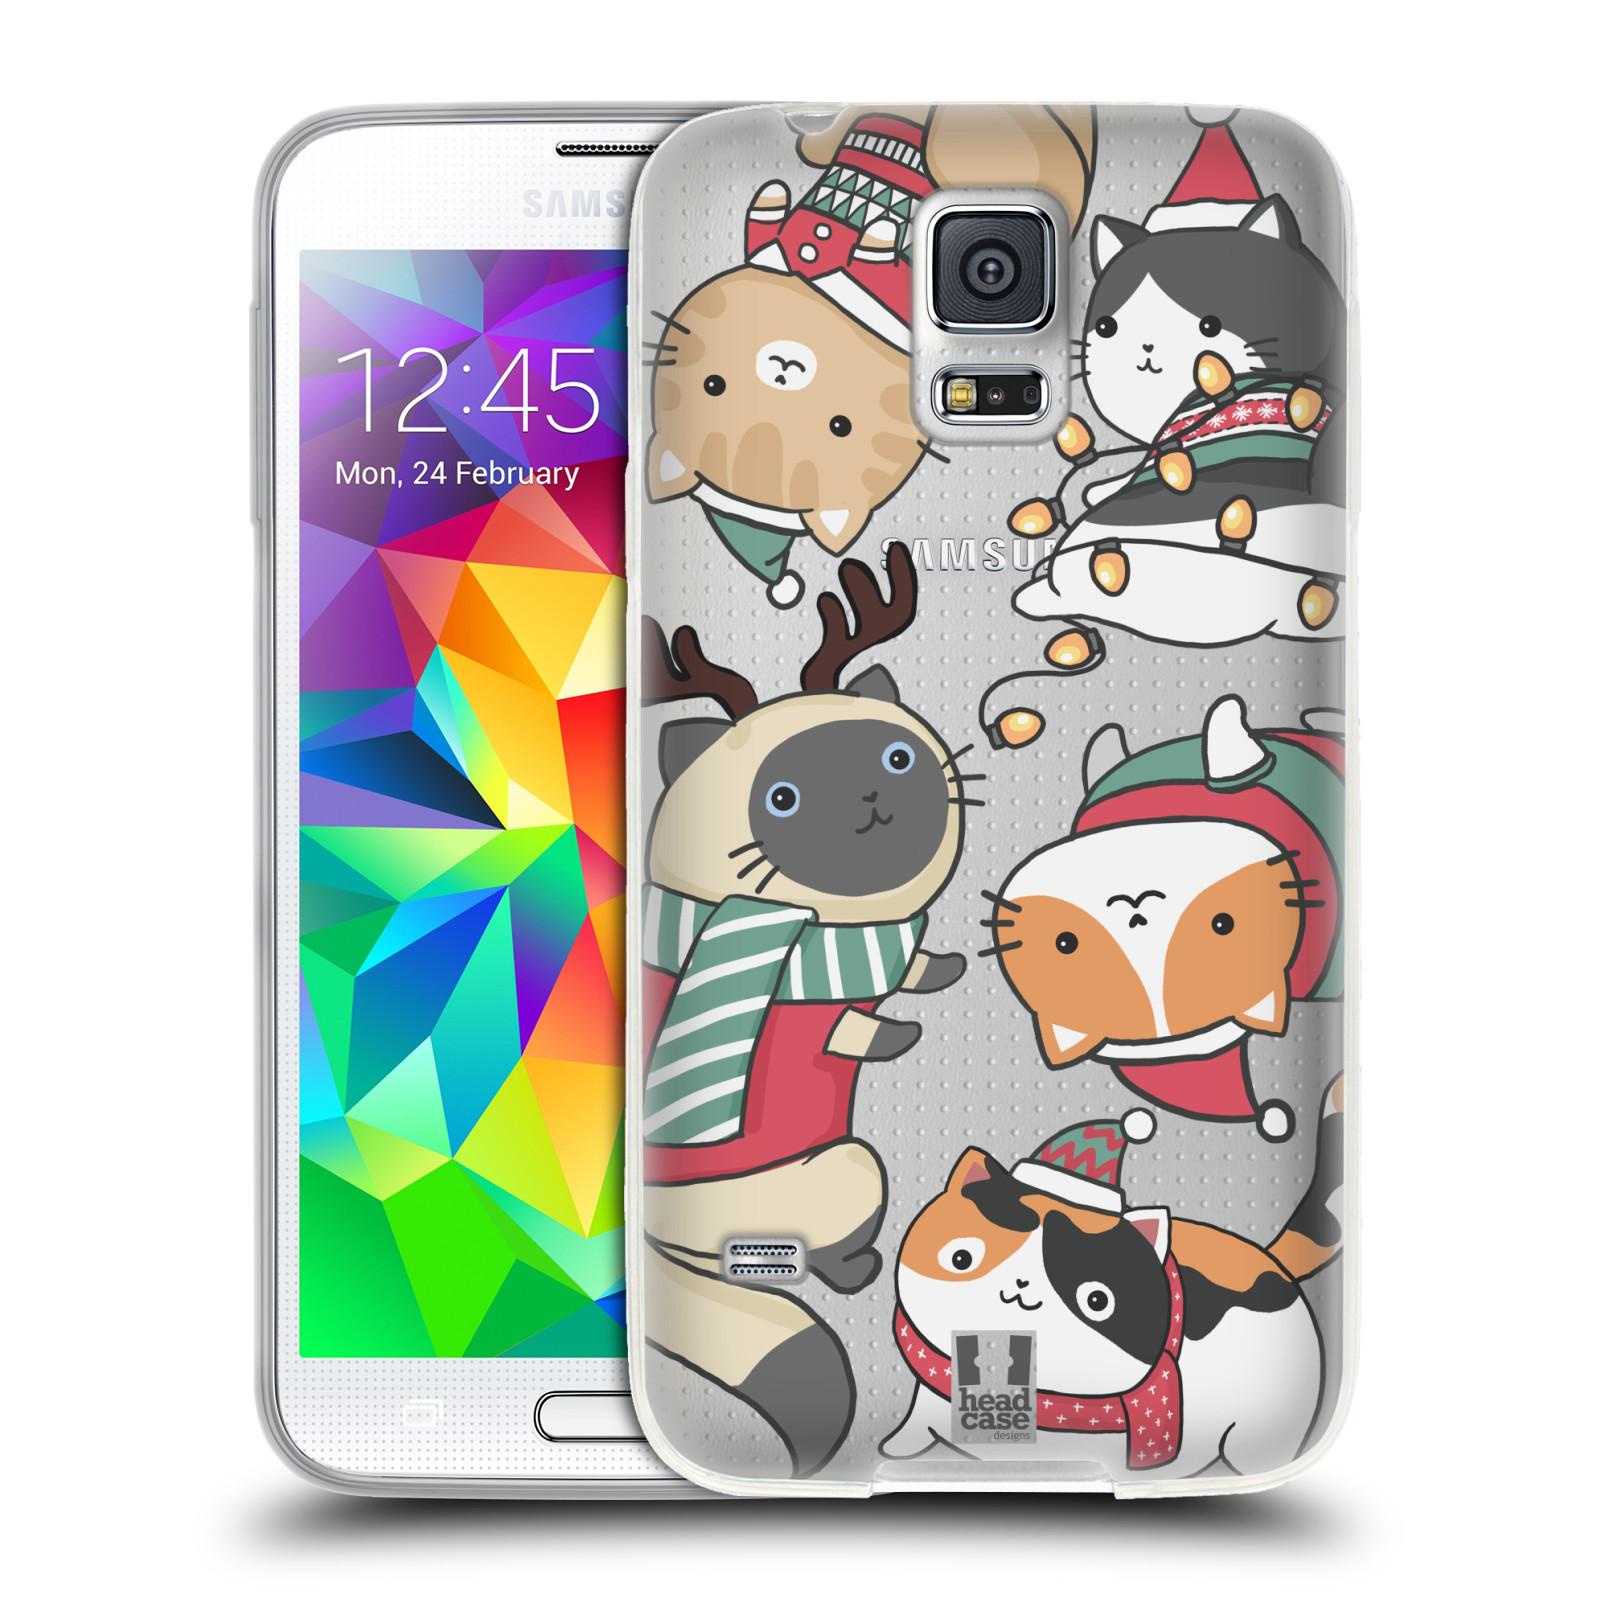 Silikonové pouzdro na mobil Samsung Galaxy S5 Neo - Head Case - Vánoční kočičky